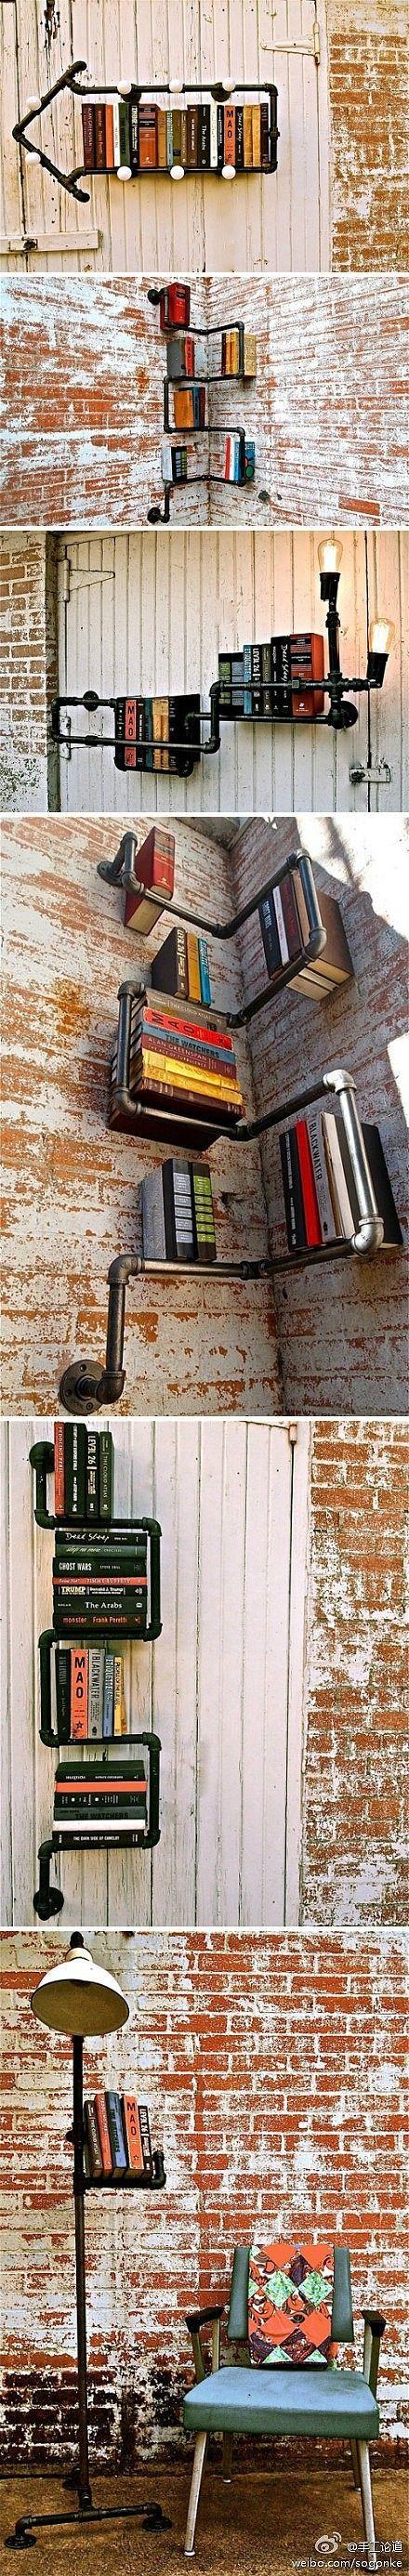 Aus alten Rohren kann man richtig coole Bücherregale bauen. #DIY